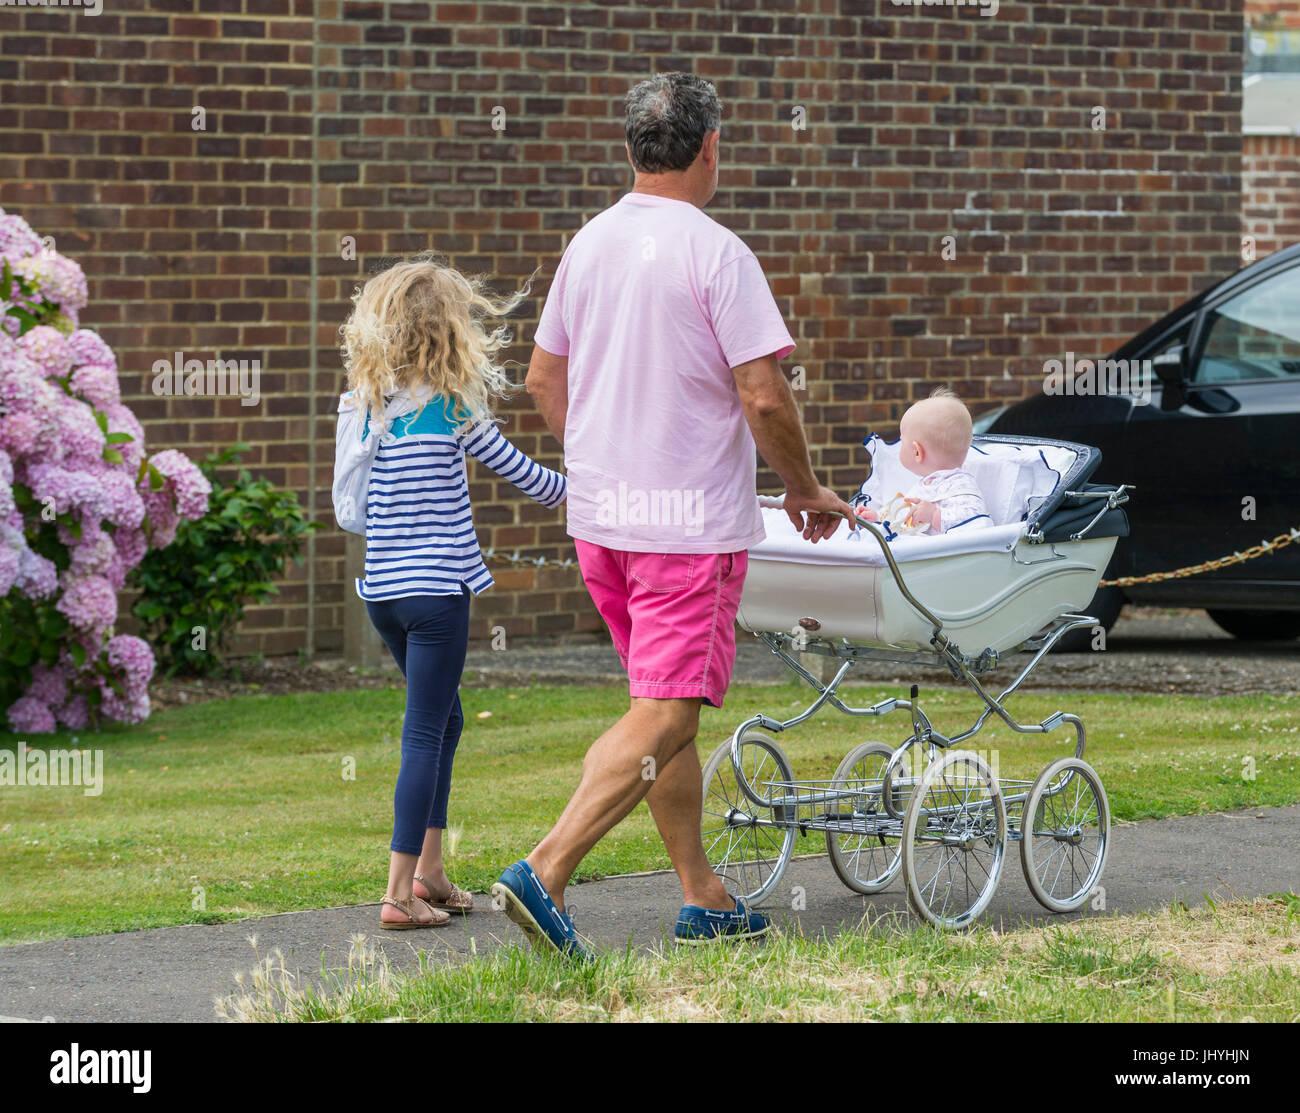 Uomo che cammina con un bambino e spingendo una carrozzina con un bambino. Single parent family. Immagini Stock